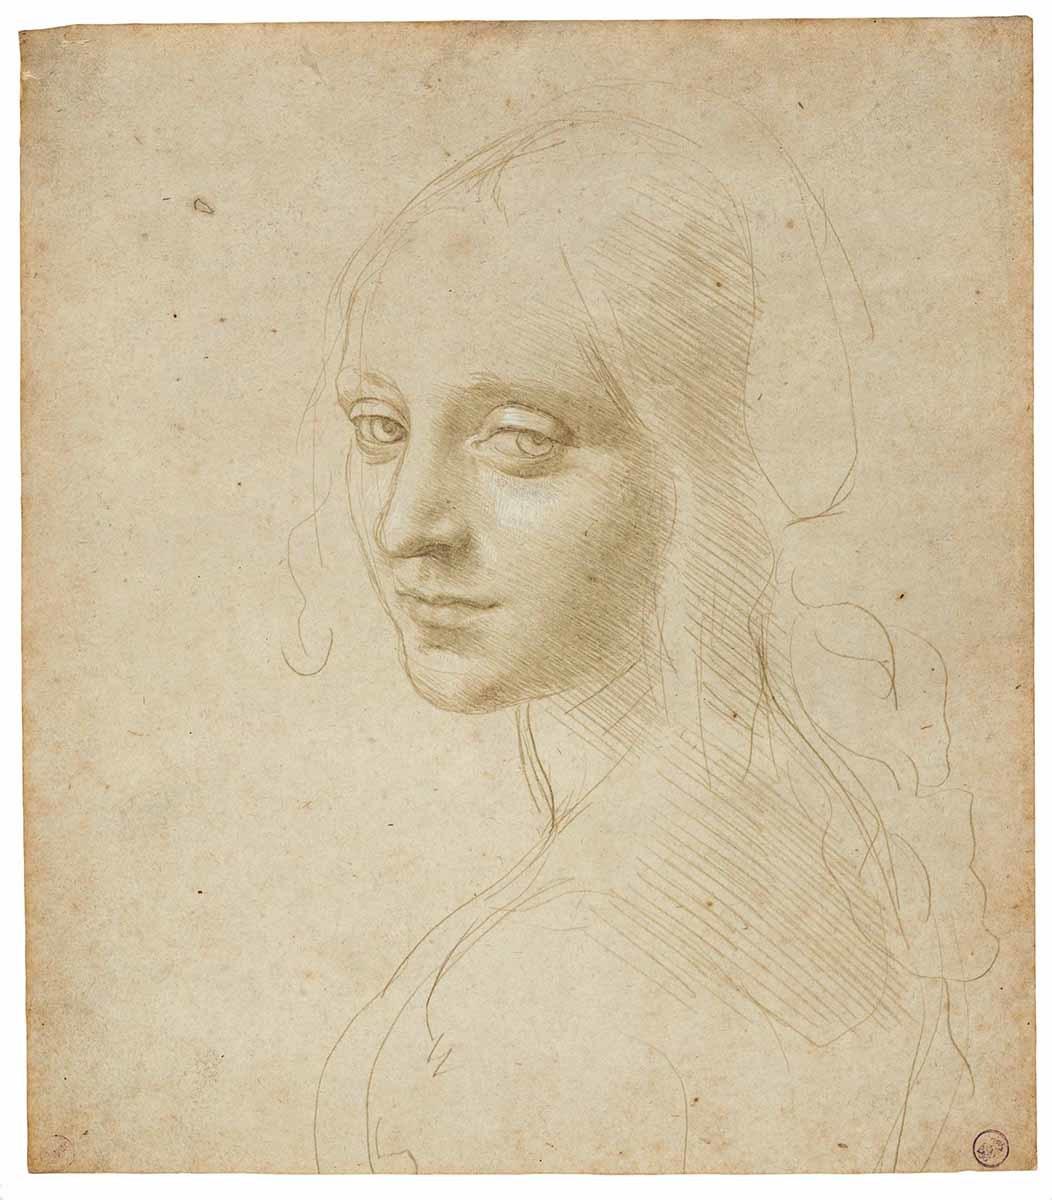 レオナルド・ダ・ヴィンチ 《少女の頭部/<岩窟の聖母>の天使のための習作》 1483-85年頃 トリノ王立図書館 ©Torino, Biblioteca Reale